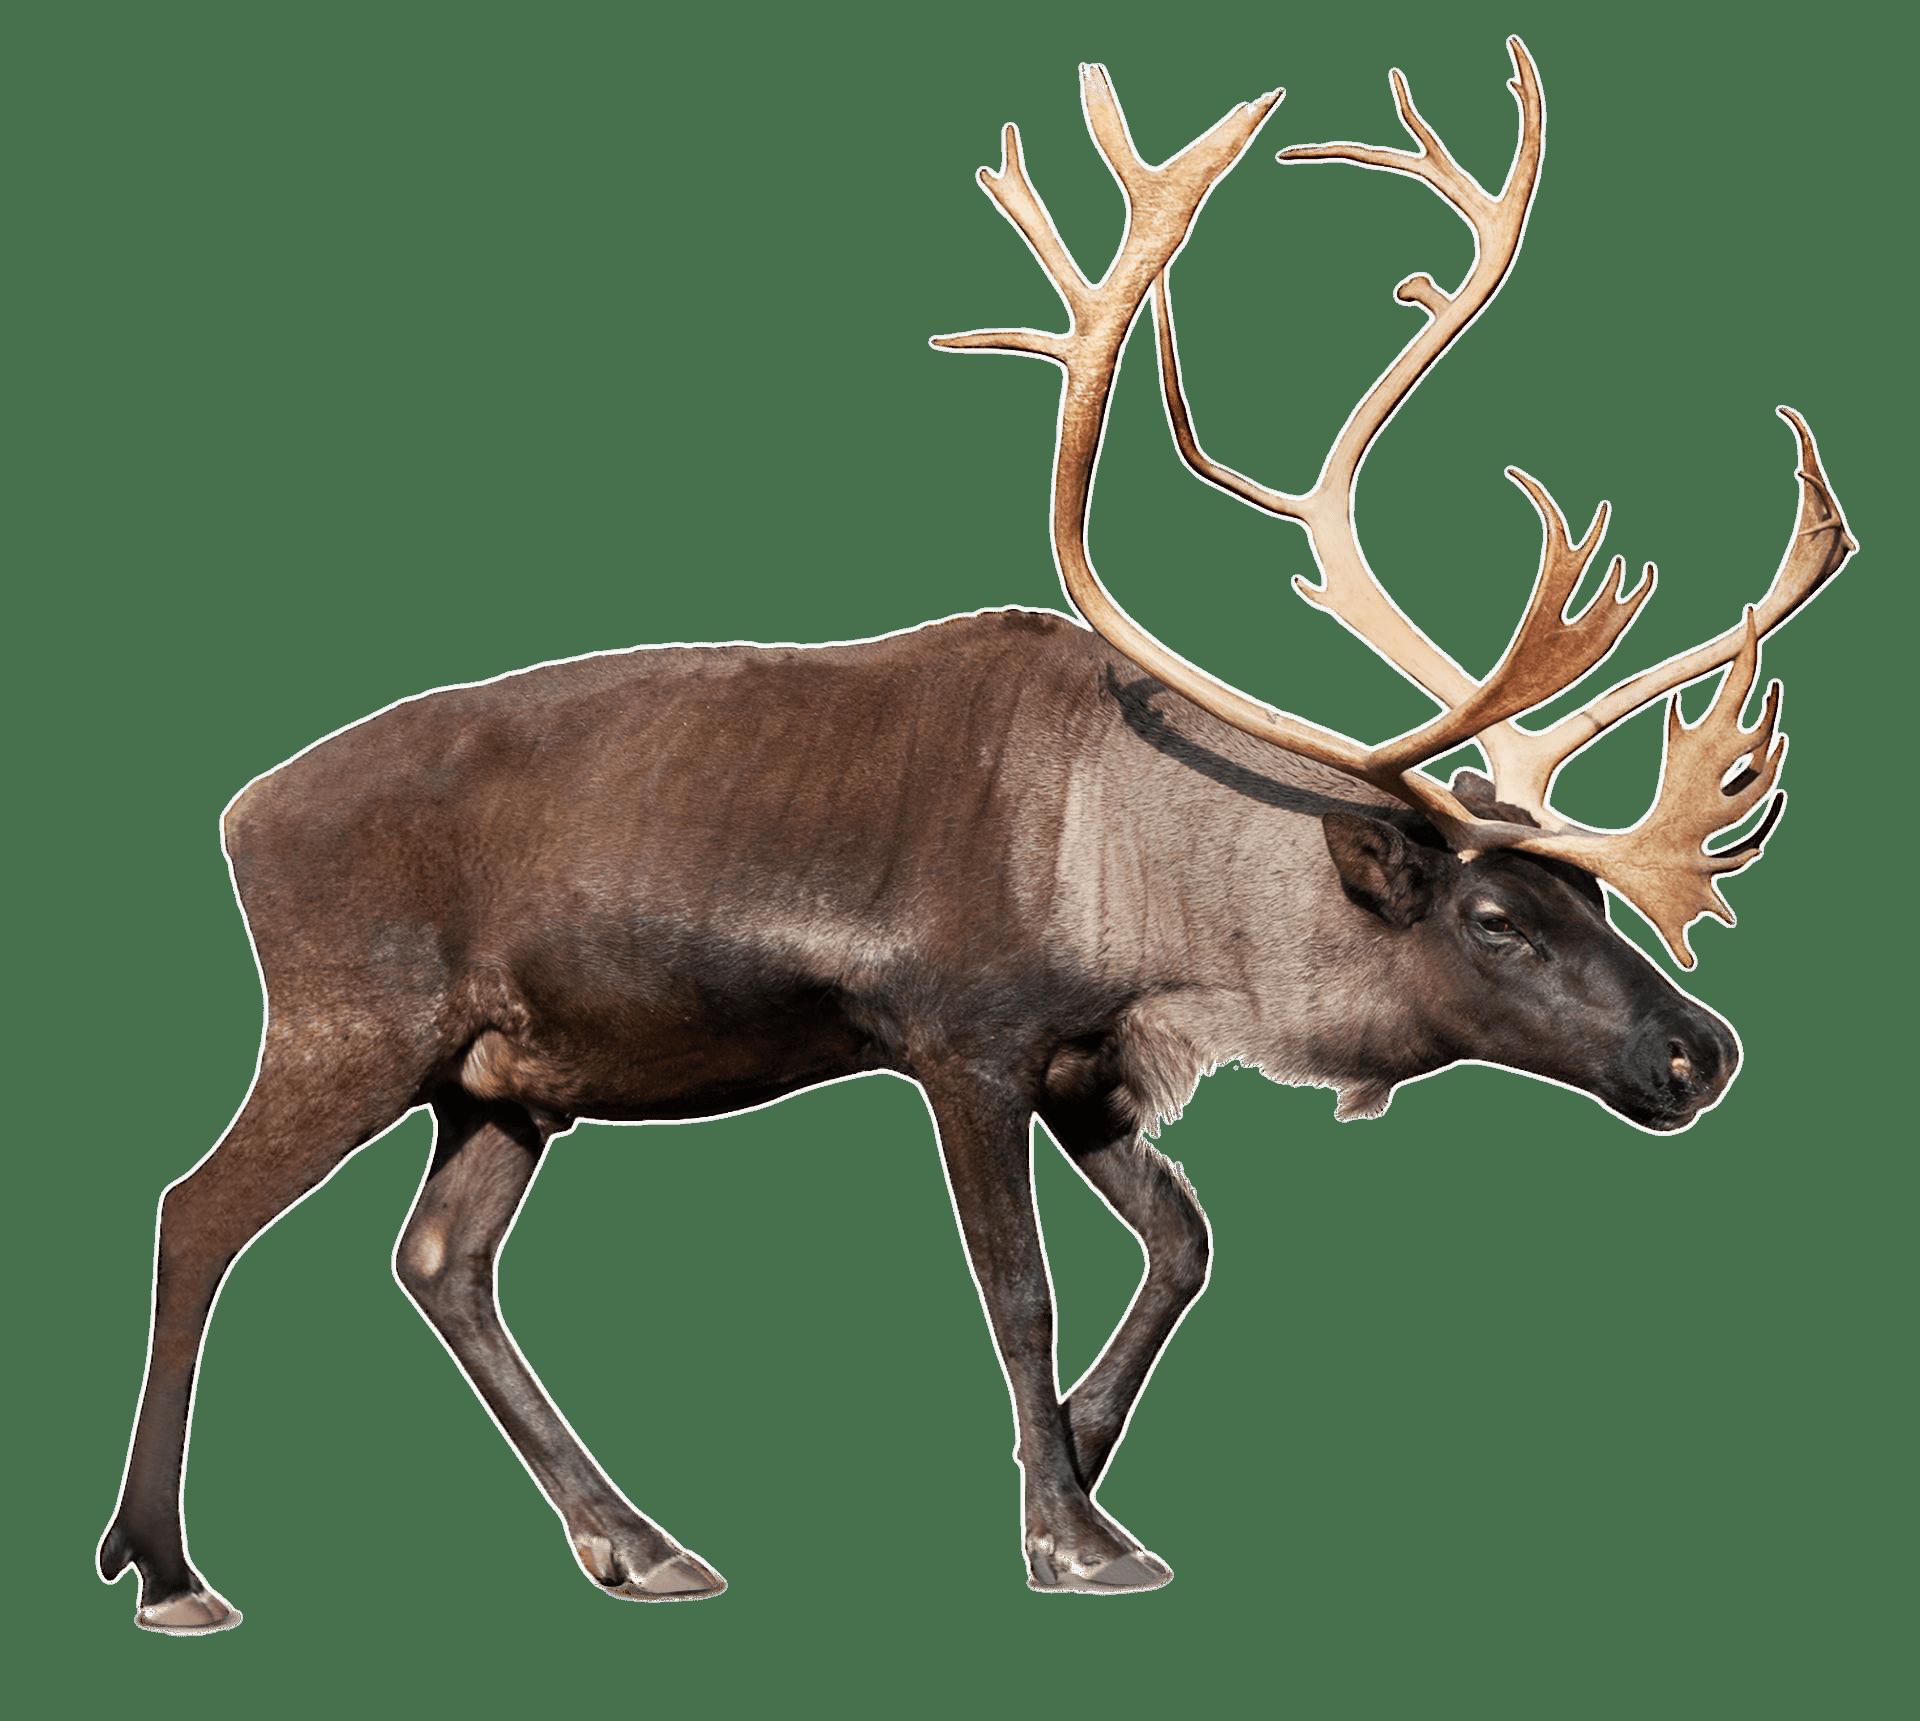 Moose clipart transparent background. Large reindeer caribou png